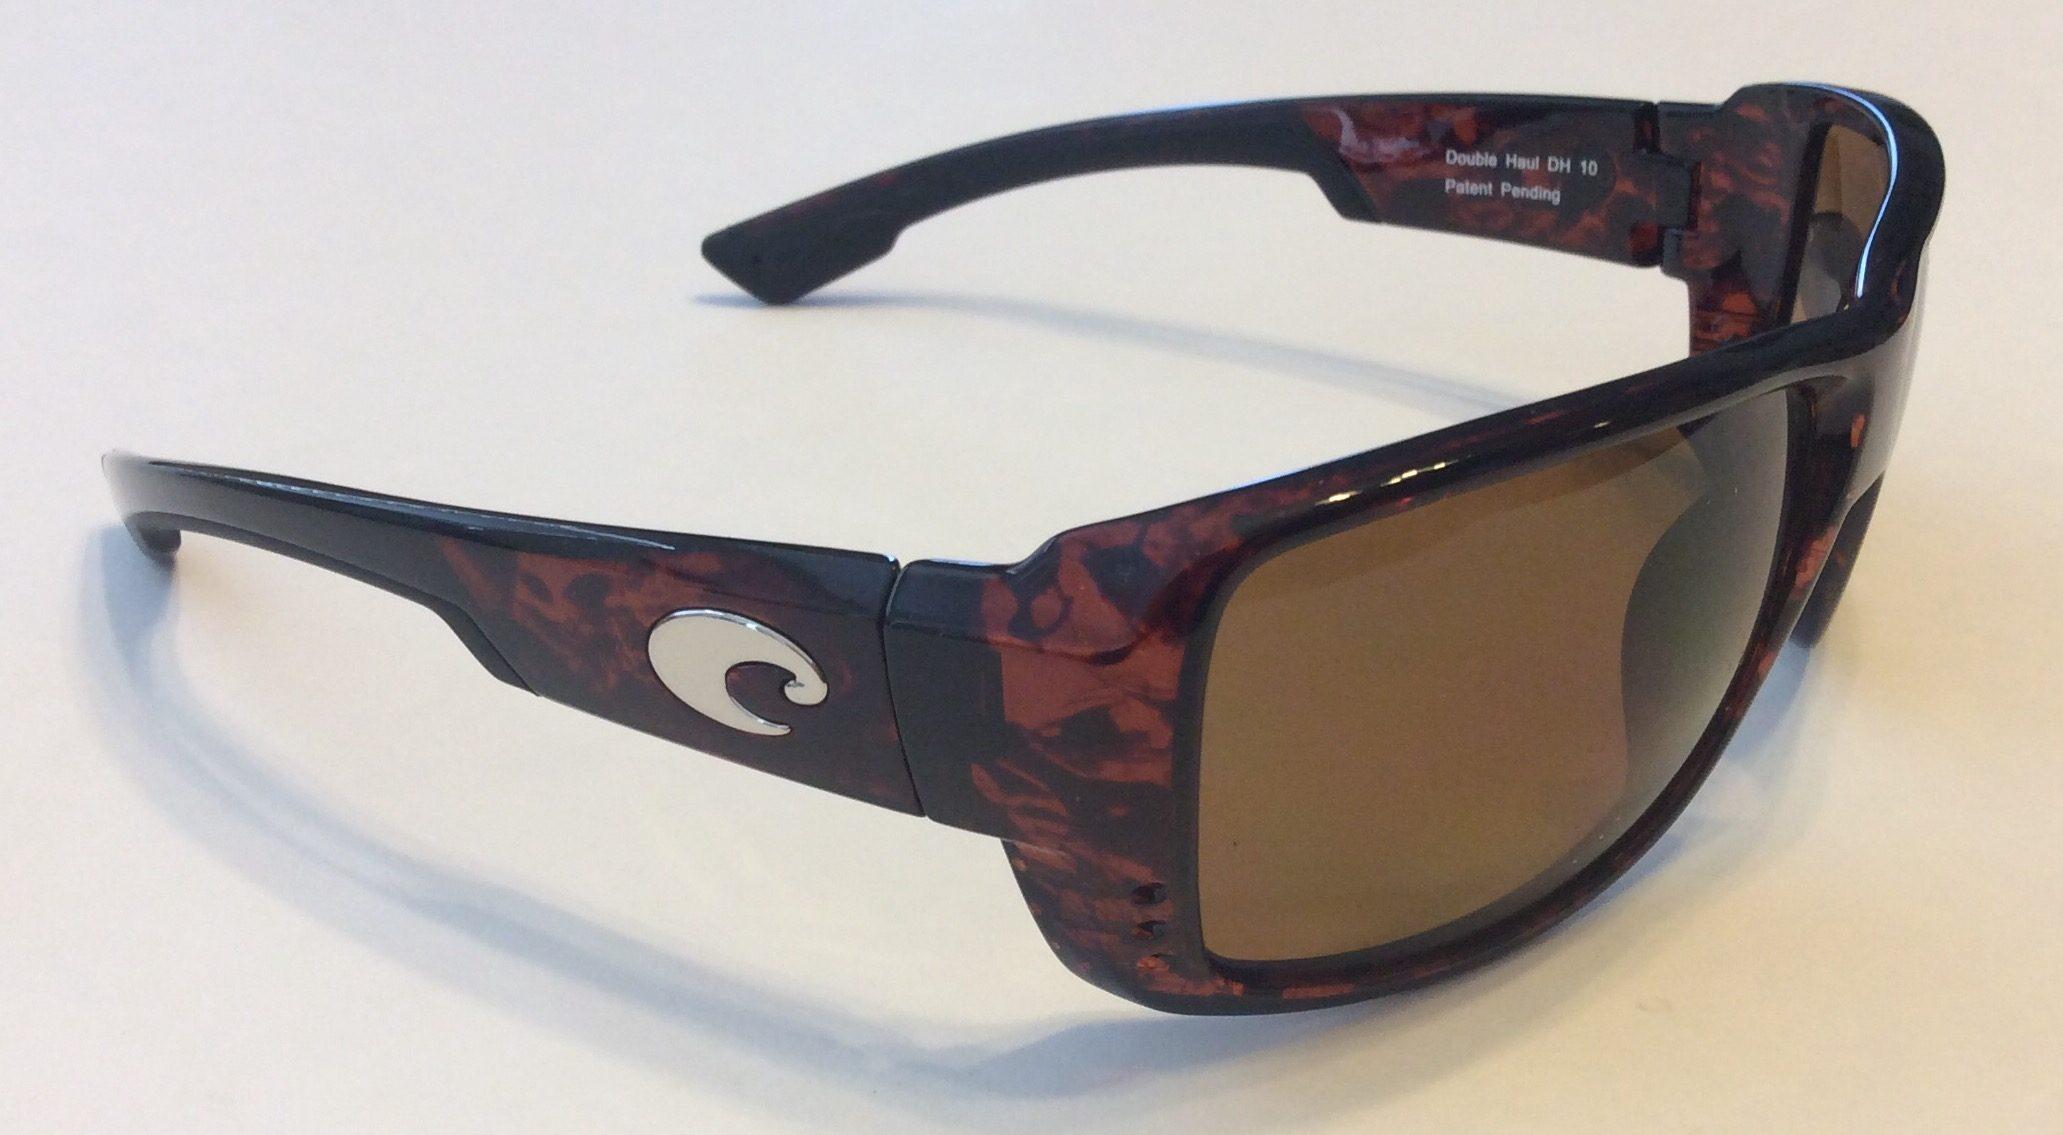 10eb3bb238a9 Costa Del Mar Double Haul Sunglasses - Tortoise - Dark Amber POLARIZED 400P